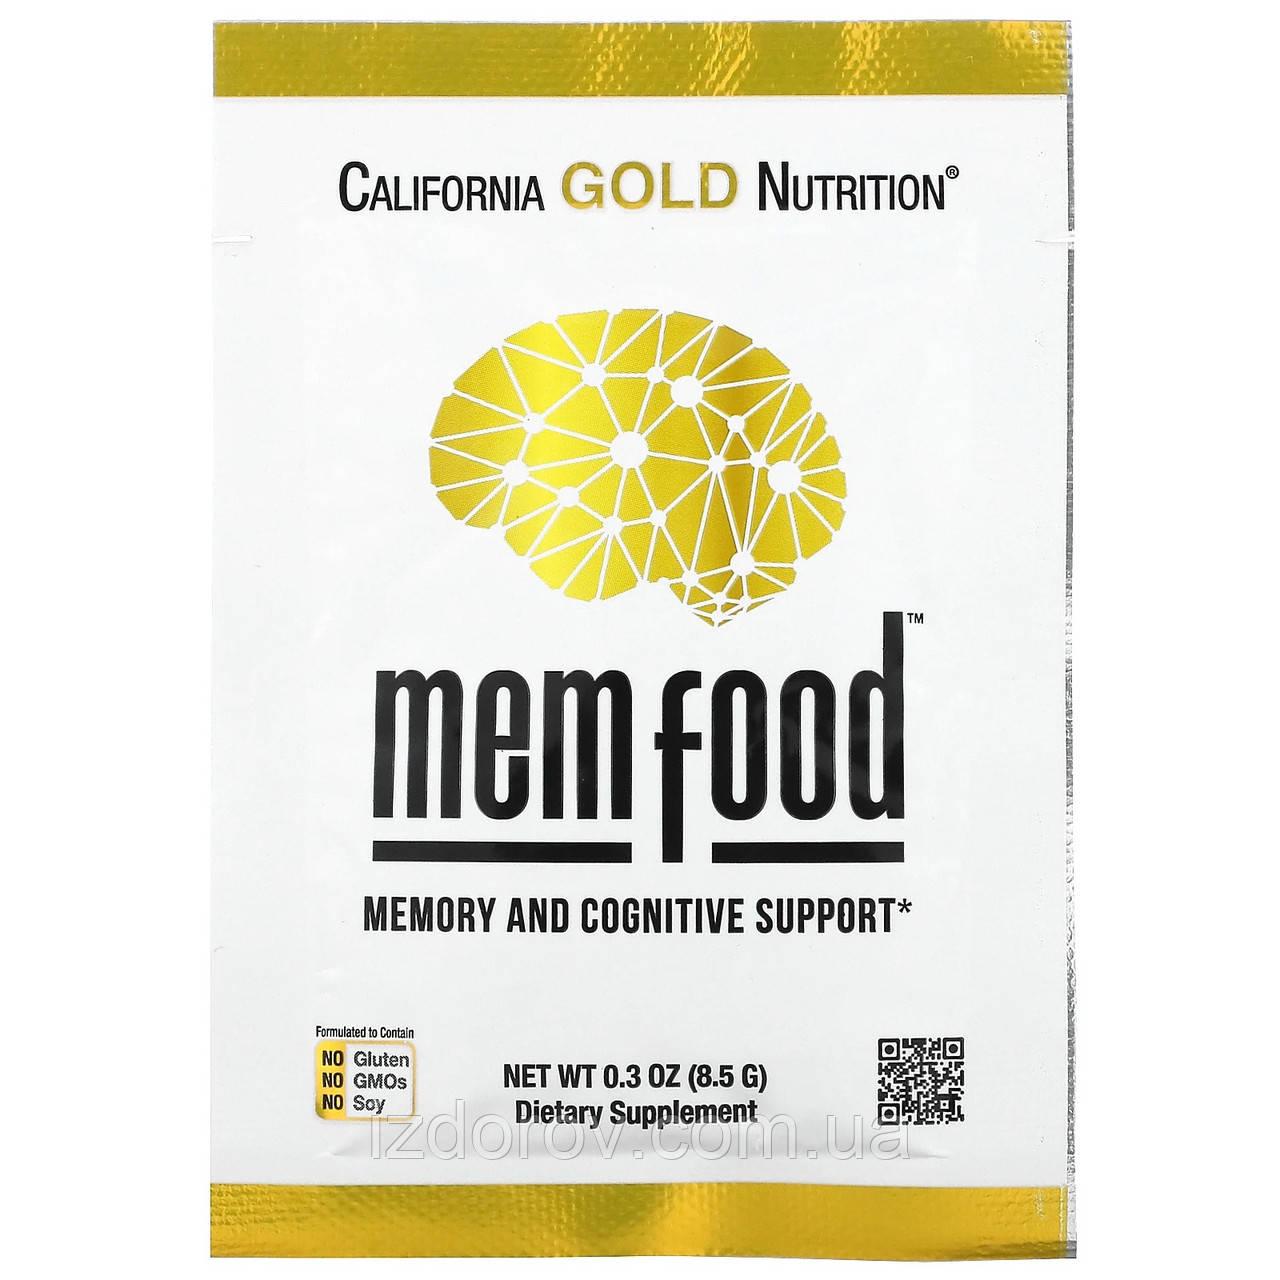 California Gold Nutrition, MEM Food, для поддержки памяти и когнитивных функций,индивидуальная упаковка, 8,5 г